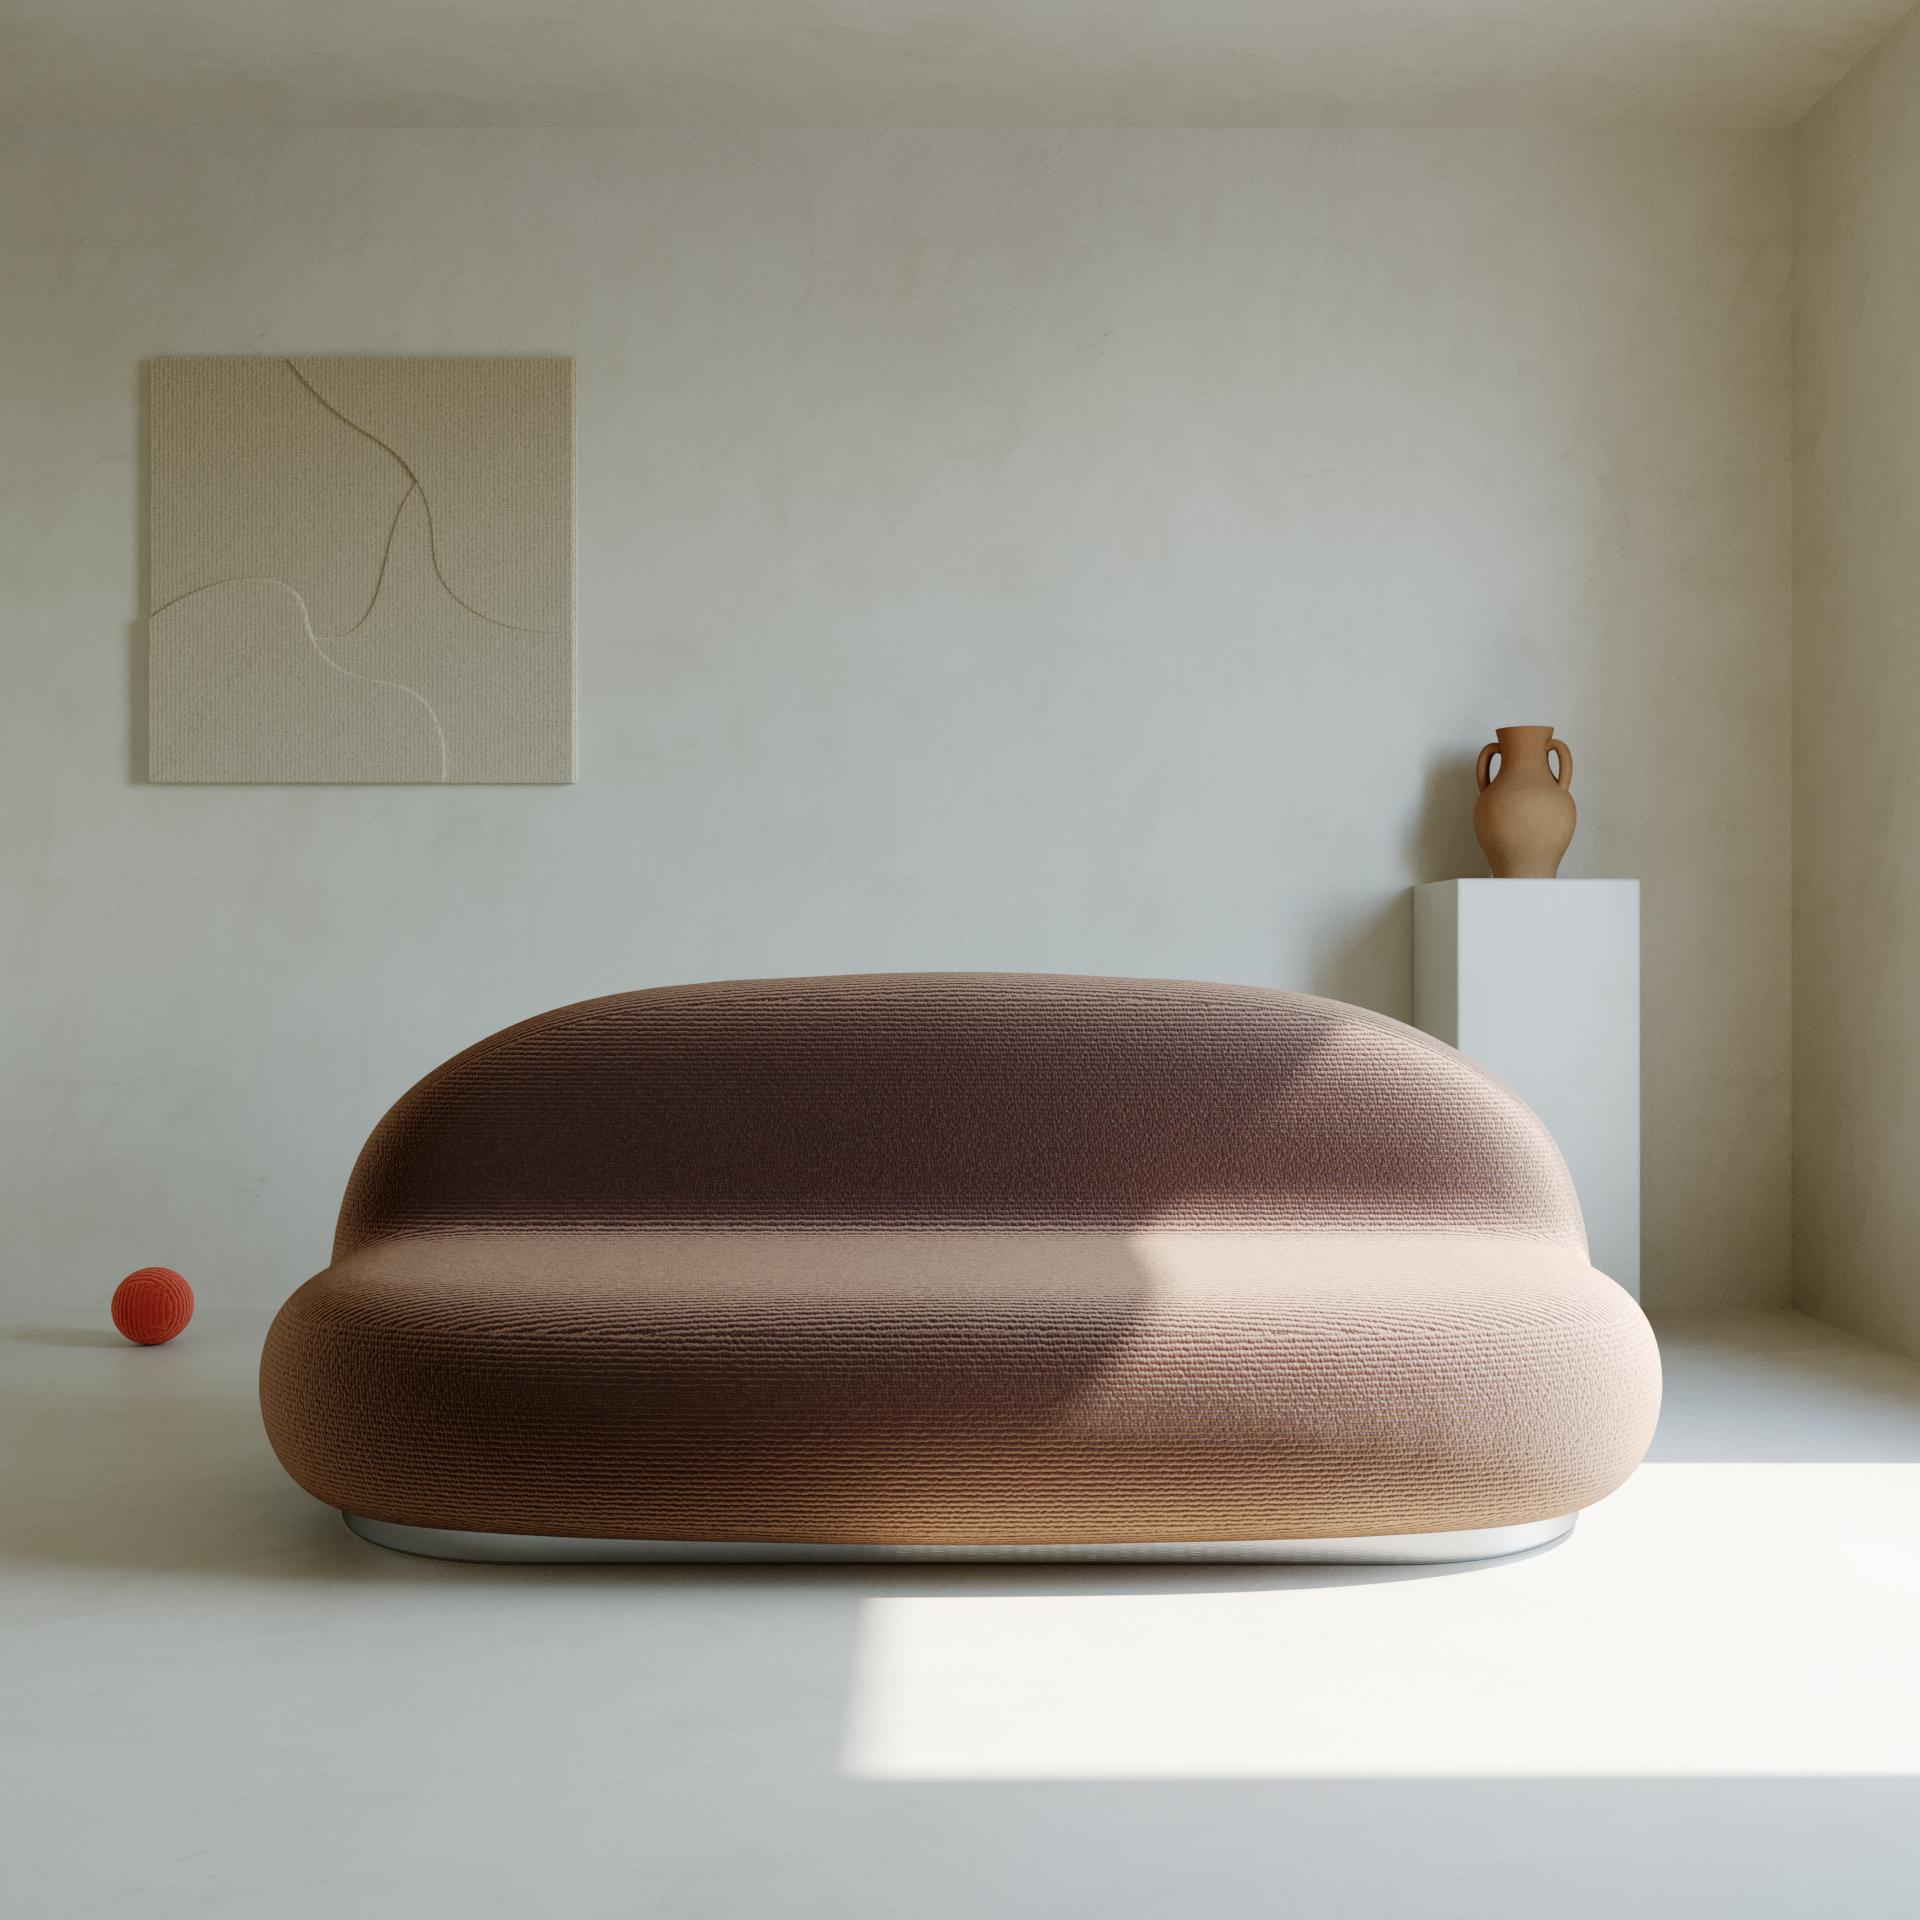 Le sofa Cotelé